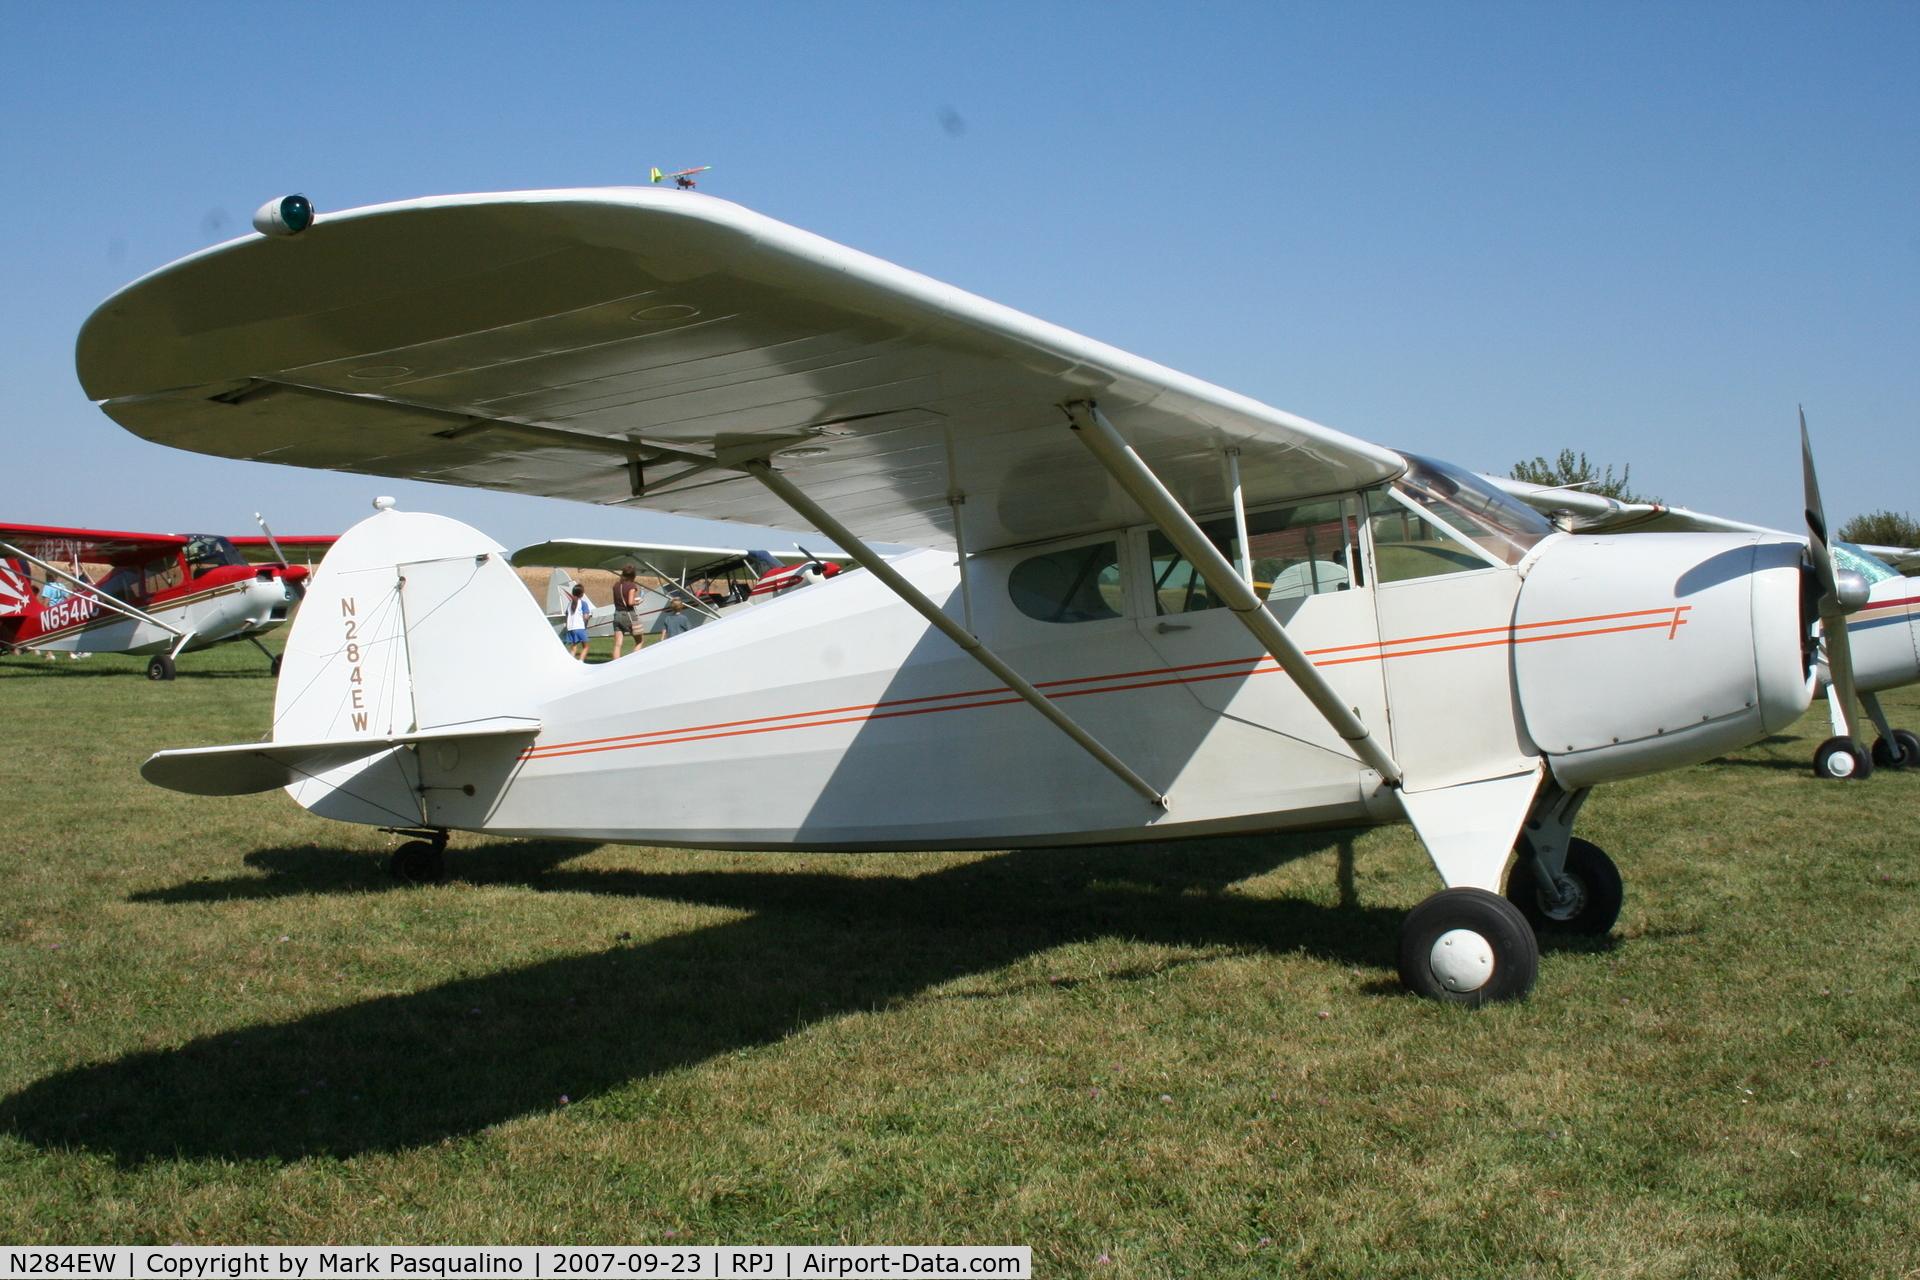 N284EW, 1941 Funk B75L C/N 210, Funk B75L